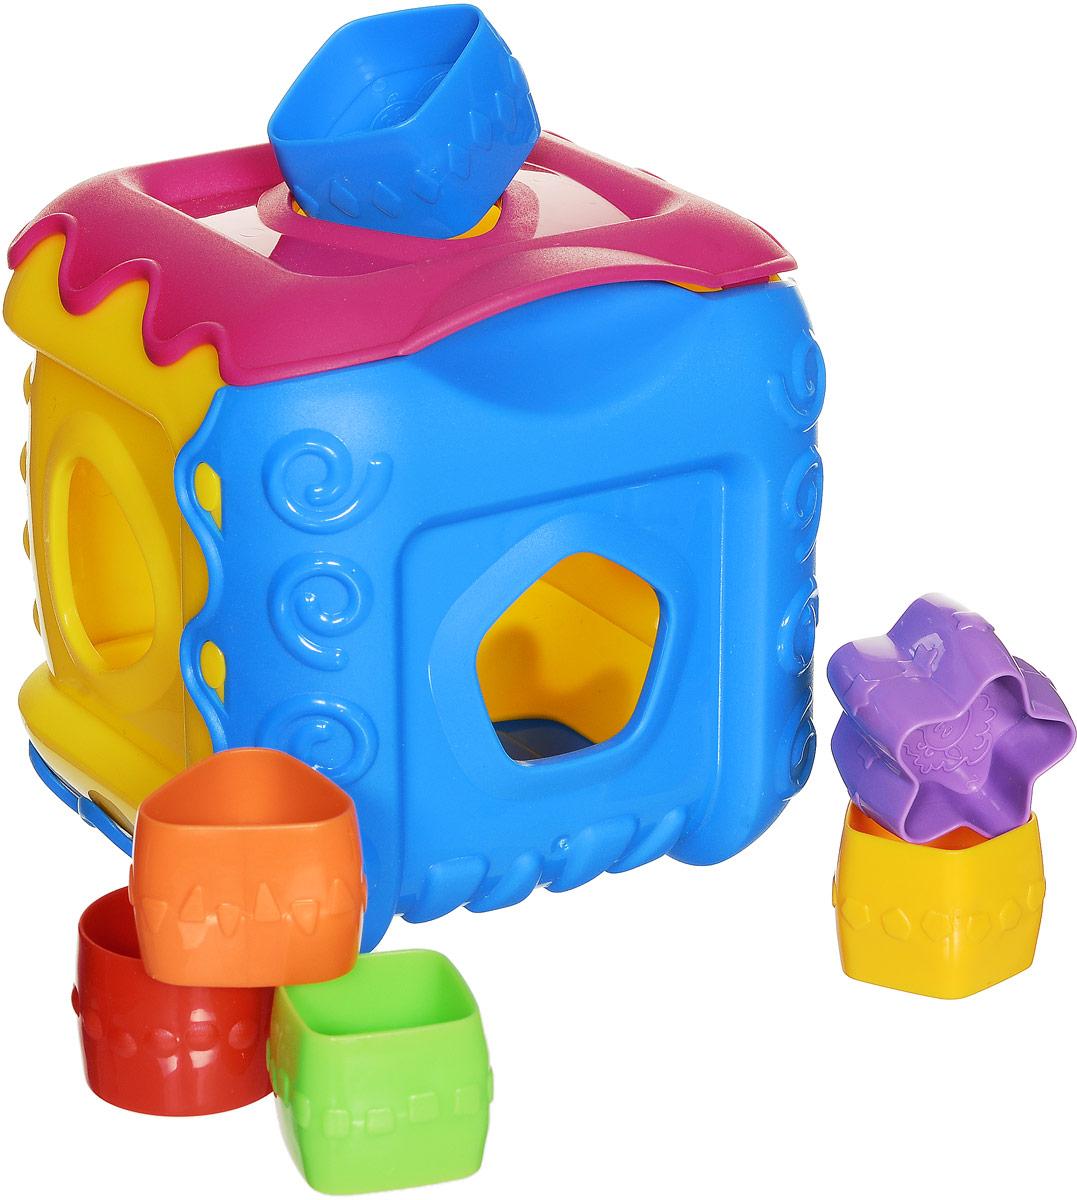 Нордпласт Сортер Кубик цвет желтый розовый голубойН-784_желтый, розовый, голубойСортер Нордпласт Кубик обязательно понравится вашему малышу и доставит ему много удовольствия от часов игры с ним. Игрушка представляет собой кубик с отверстиями разной формы, куда нужно вставлять соответствующие фигуры. Одна из частей кубика выполнена в виде крышки, которую можно поднимать. В комплекте имеется 6 разноцветных деталей разной геометрической формы, которые малышу нужно поместить в кубик через подходящее отверстие. Логические игры-сортеры вырабатывают умение узнавать и различать форму или изображение предмета, его цвет, развивают абстрактное мышление, моторику, а также учат классифицировать, обобщать и сравнивать. Порадуйте малыша такой яркой игрушкой!